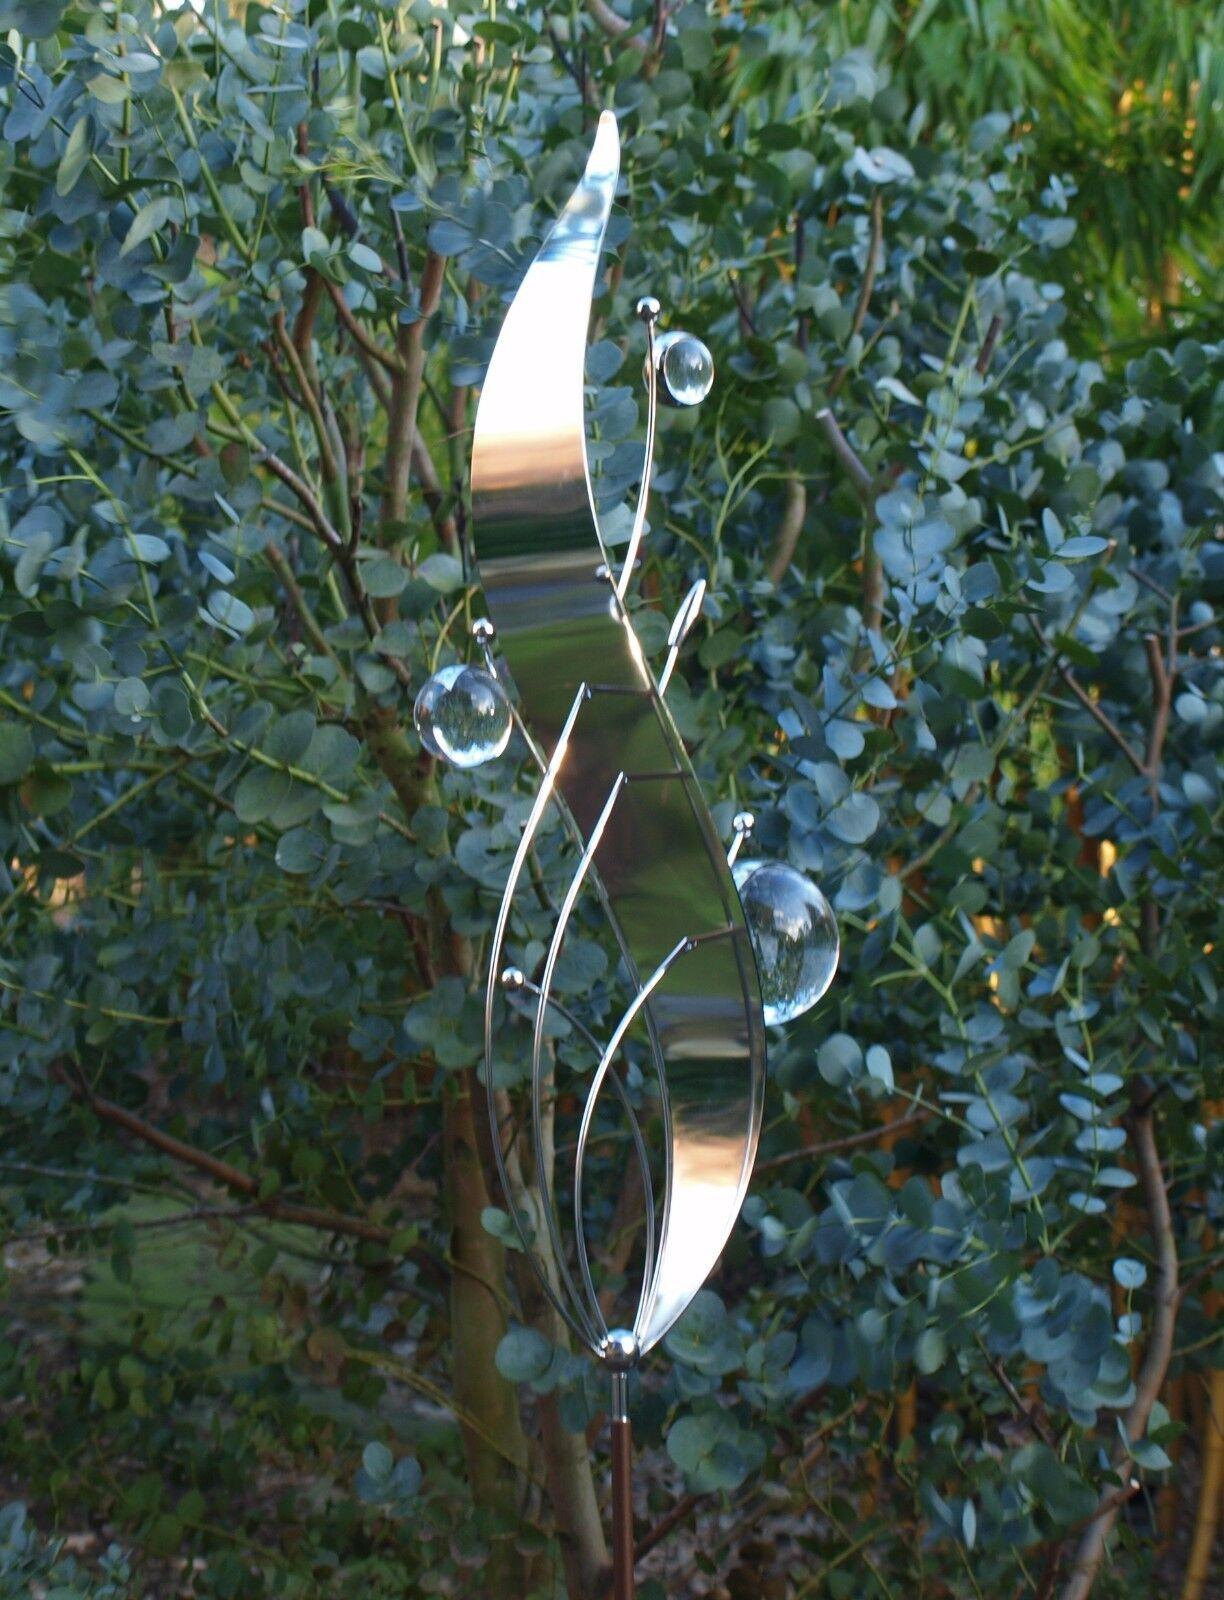 Gartenstecker Edelstahl Glas moderne Gartendeko Pflanzenstecker XL Welle 160 cm